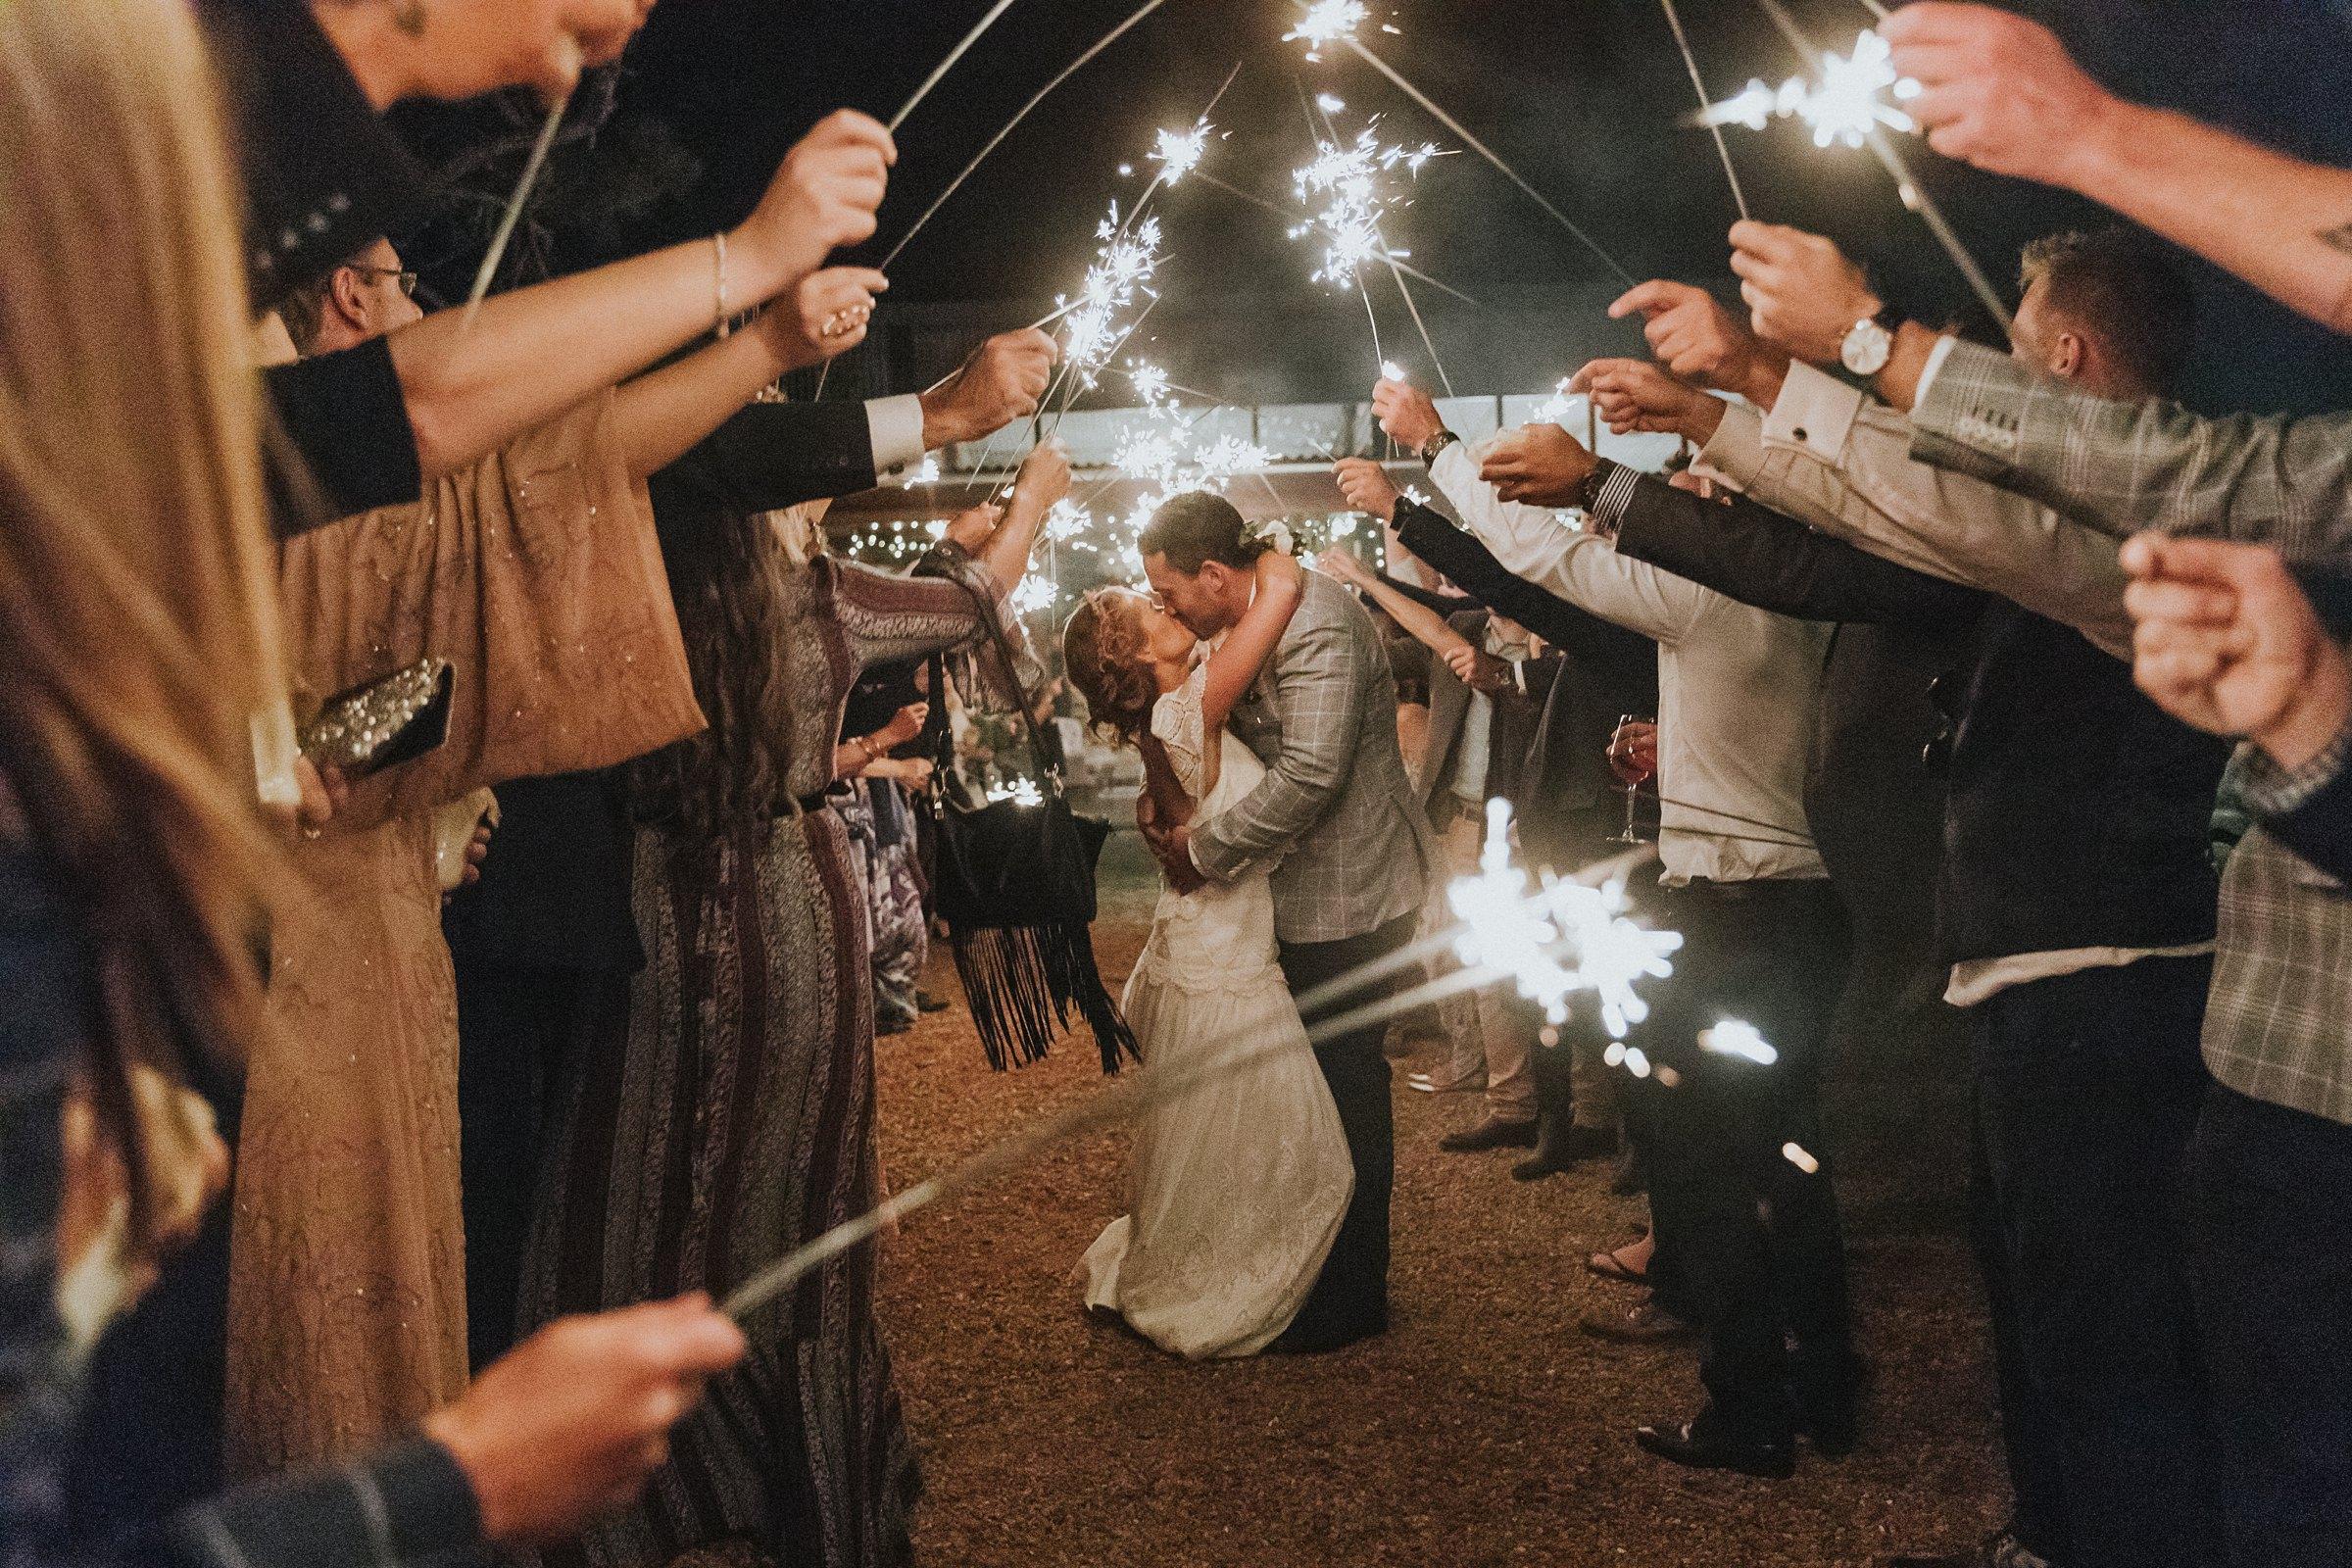 mali brae farm wedding sparkler farewell